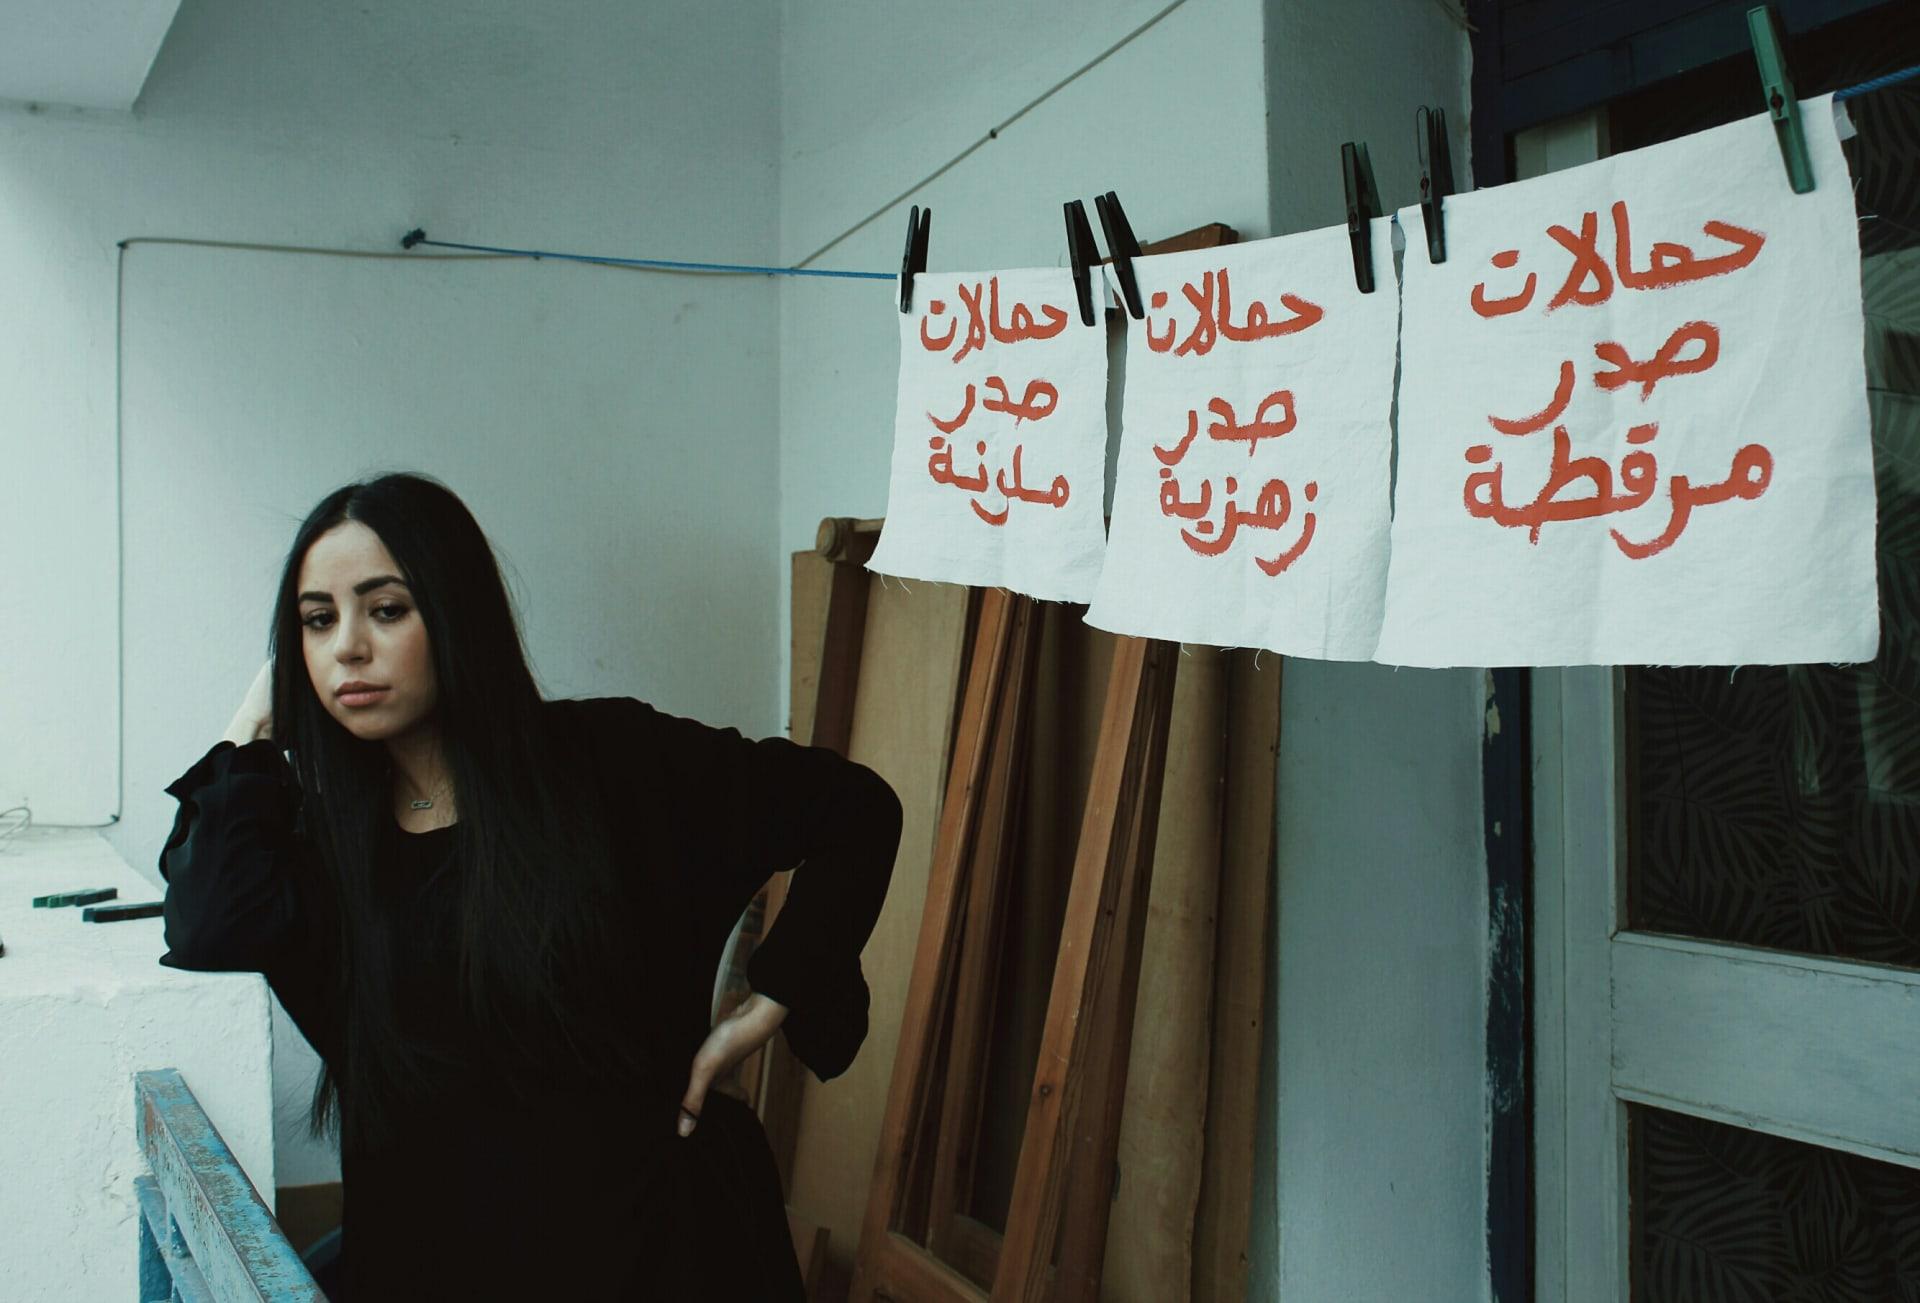 """صور فاطمة السري: بين """"تعدي الحدود"""" والتعبير عن """"واقع"""" المرأة العربية"""